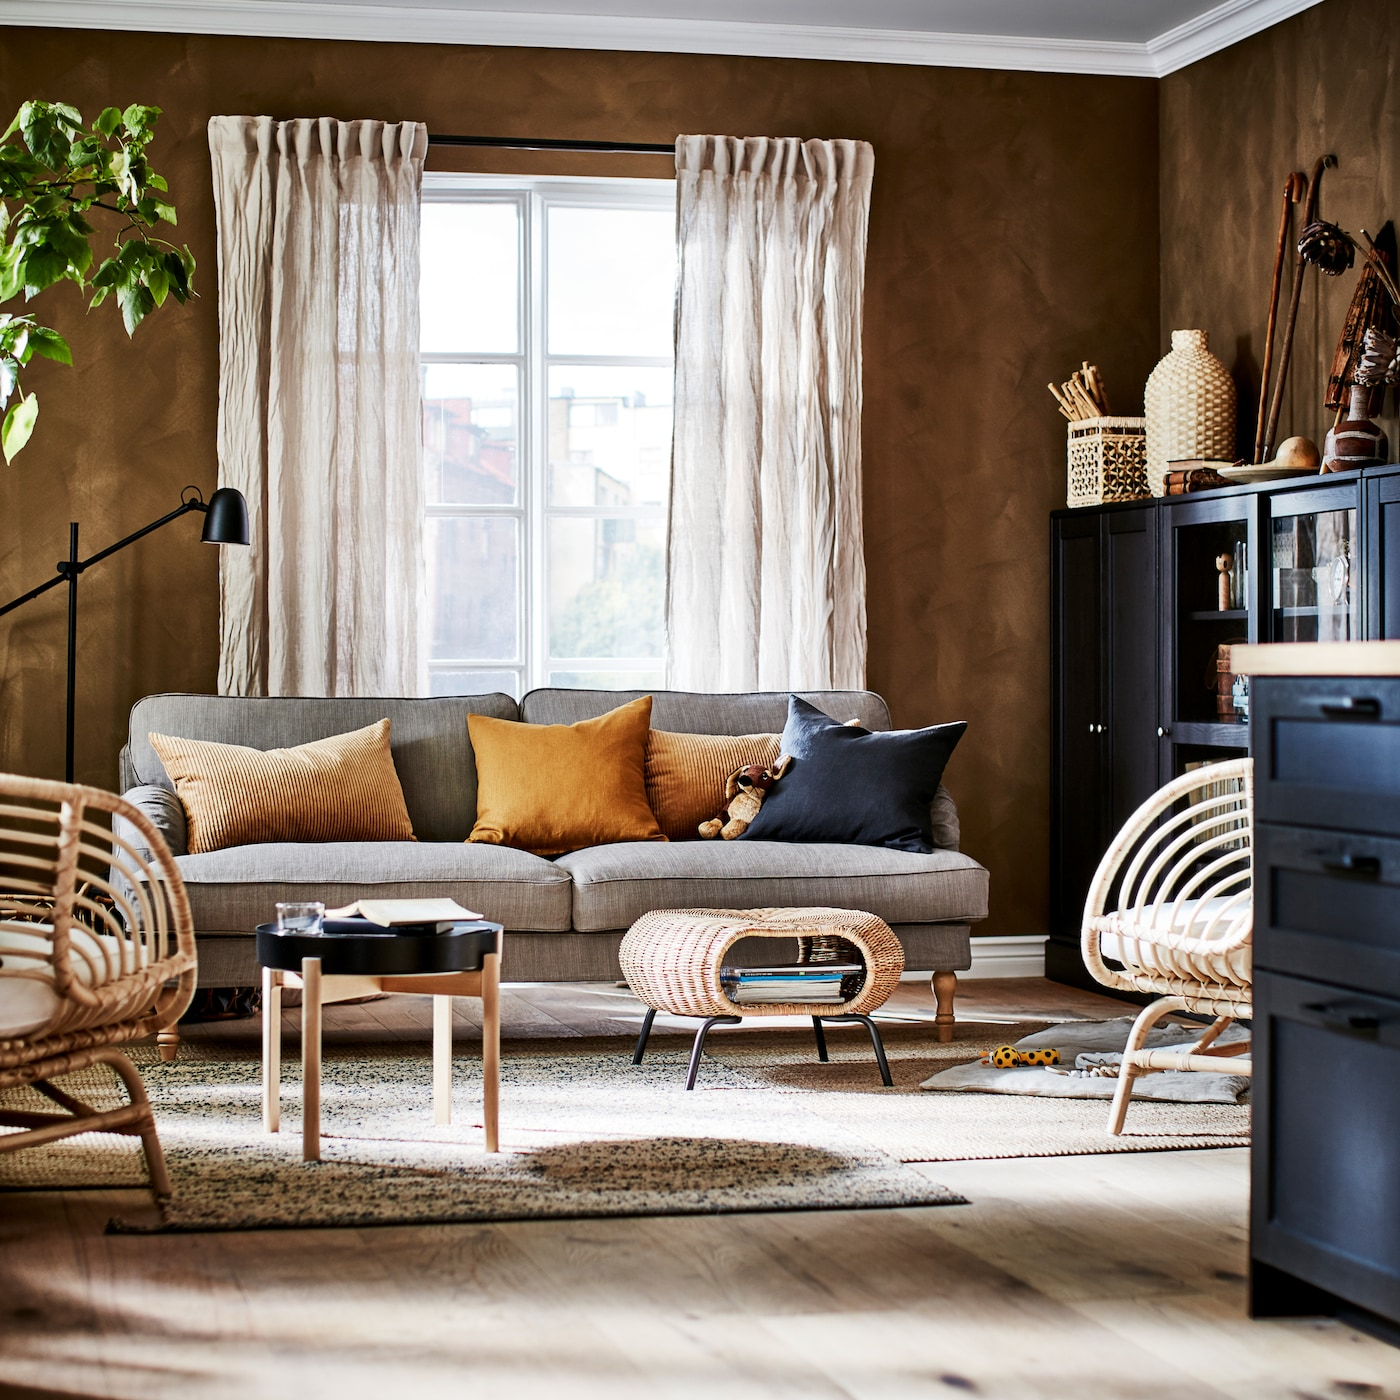 Ei stue med en gråbeige sofa, to jutetepper, to rottingstoler, beige lingardiner og mørkebrune skap.